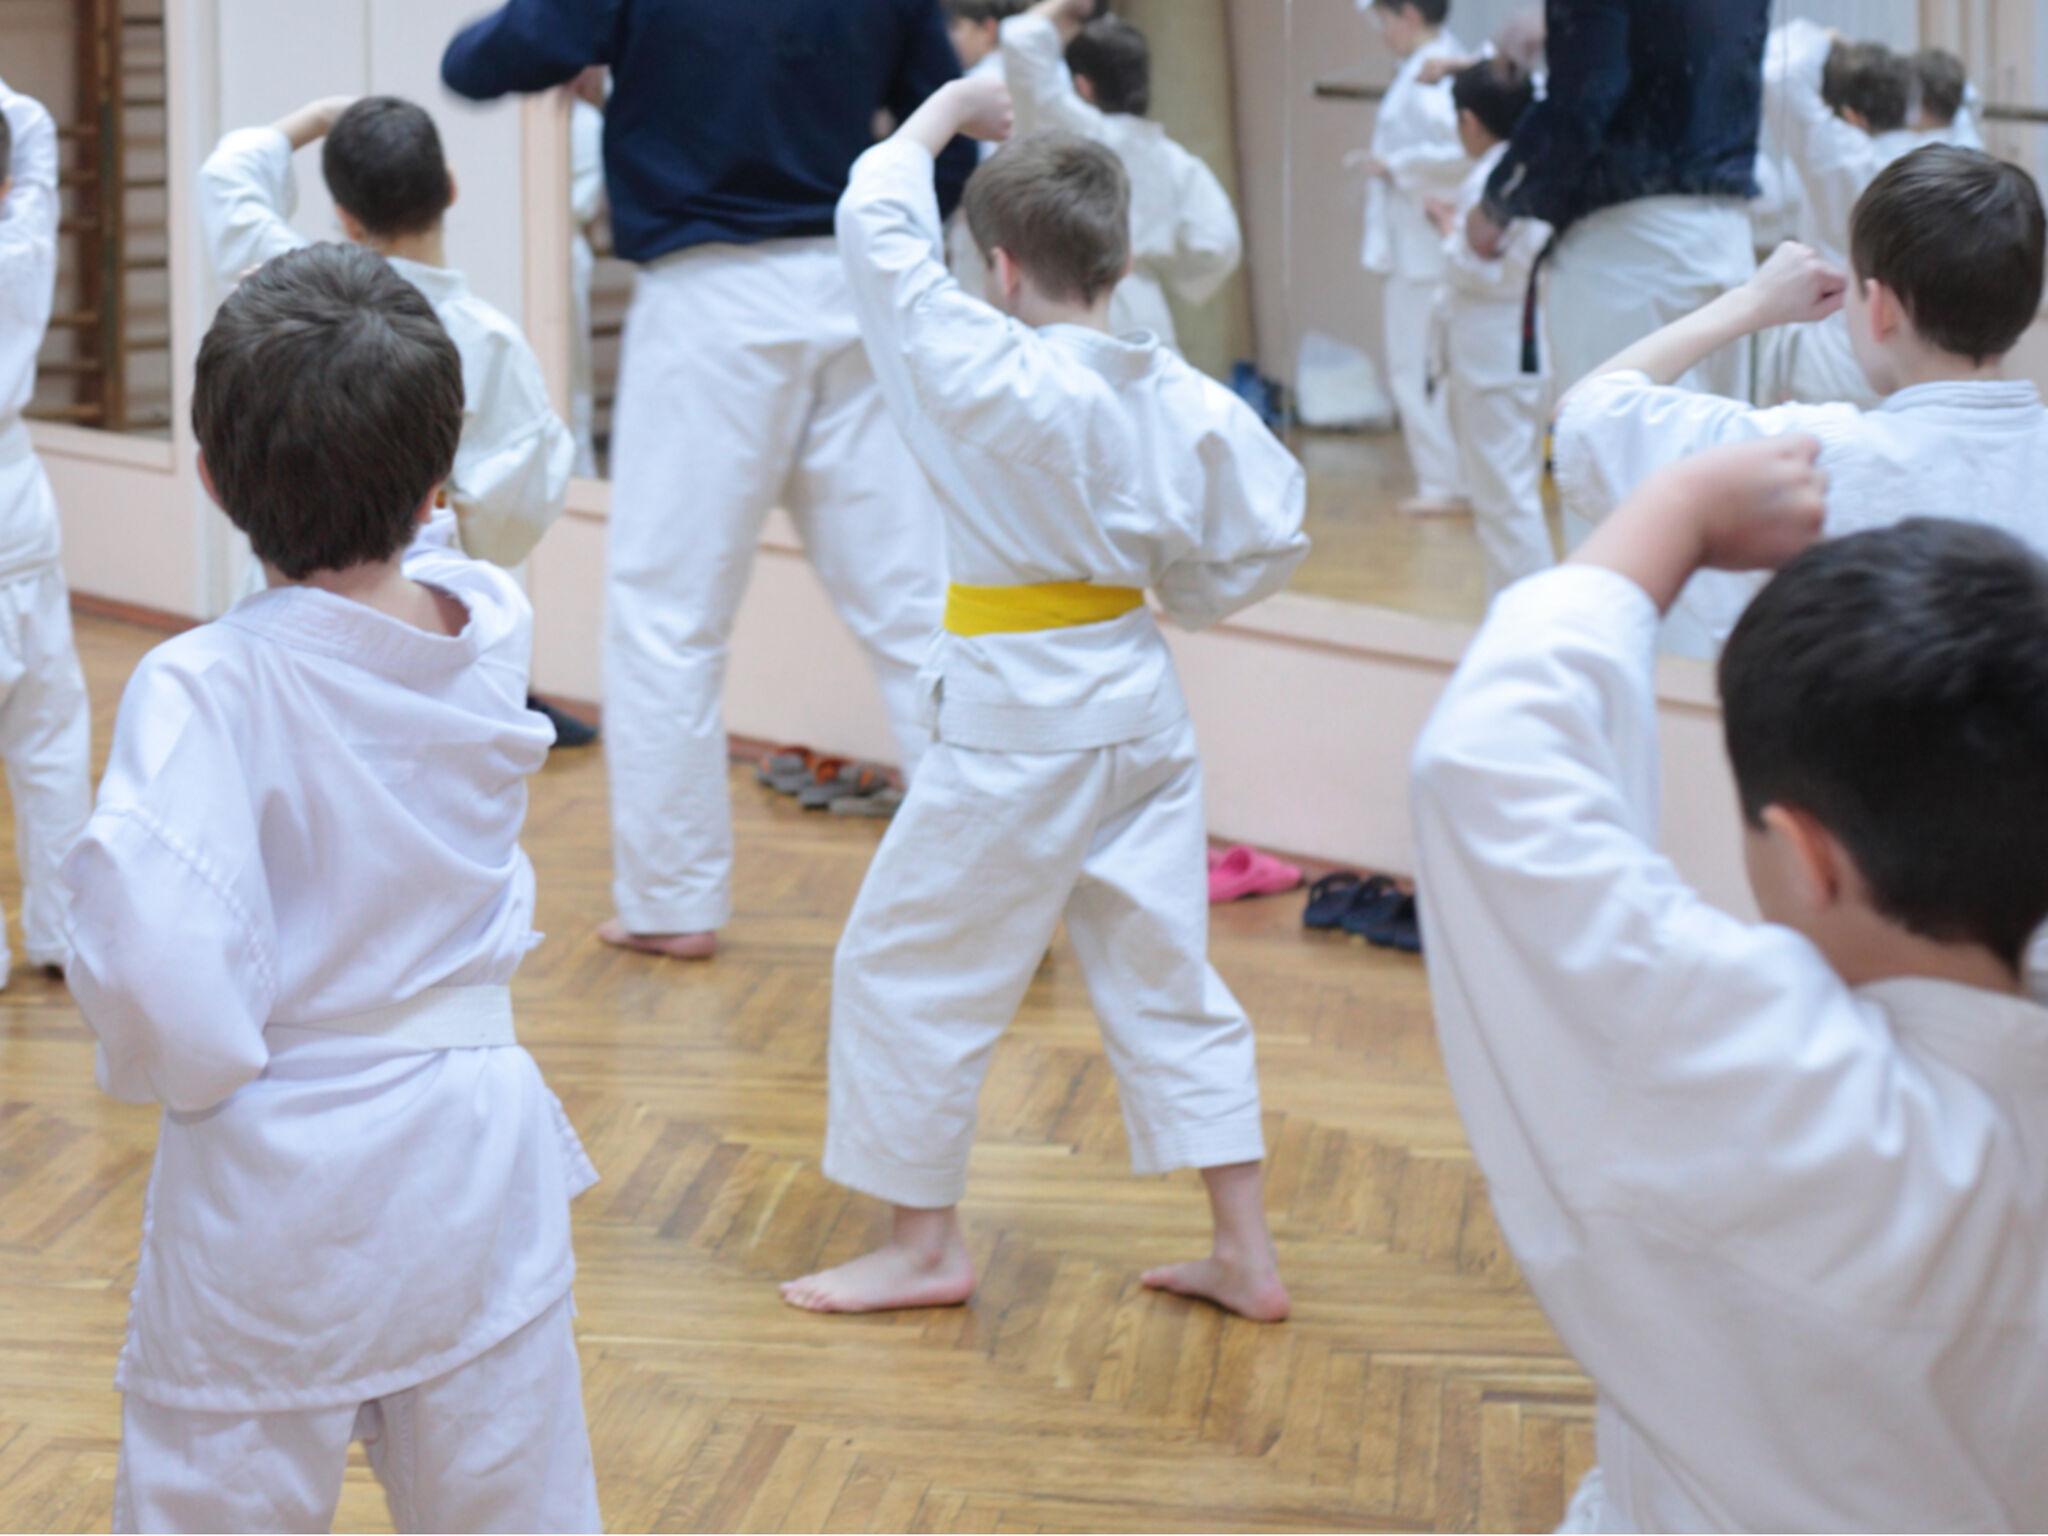 子どもたちが空手の指導を受けている画像